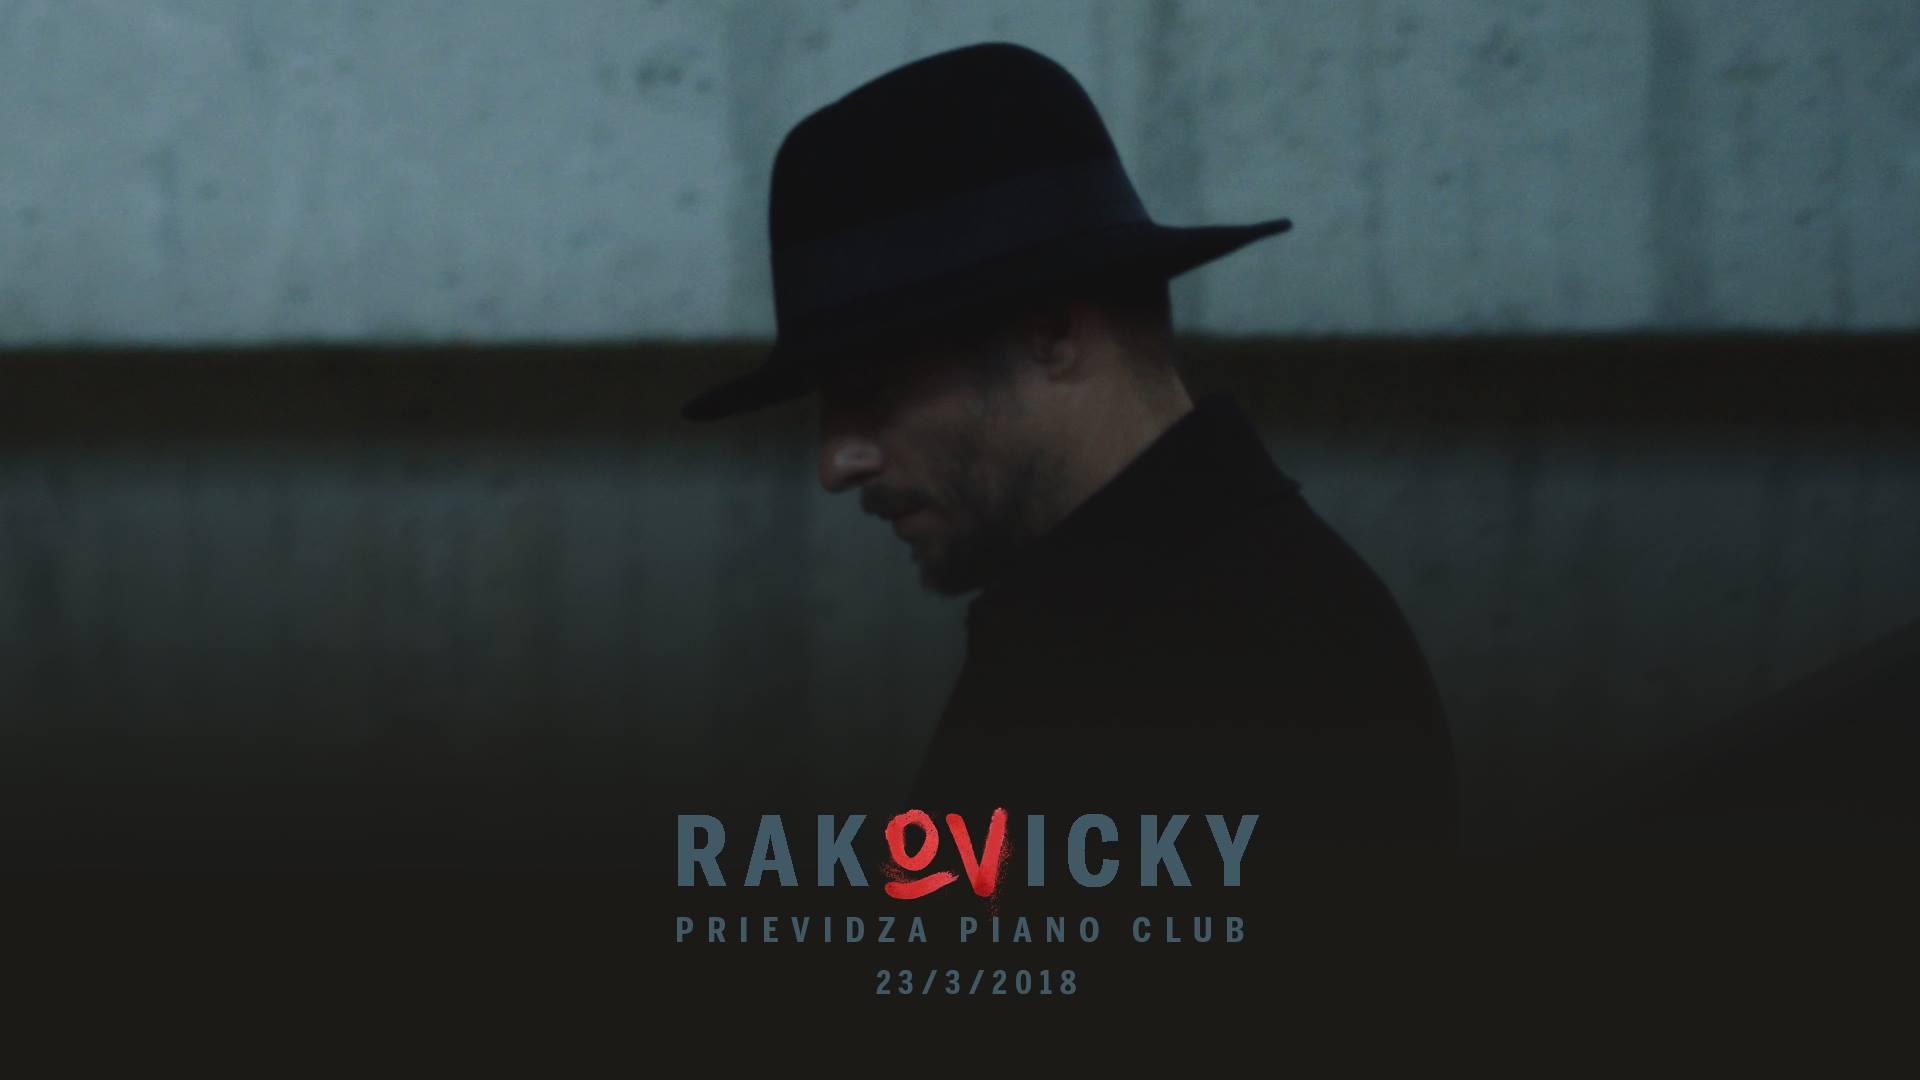 Rakovicky - Prievidza - Piano Music Club